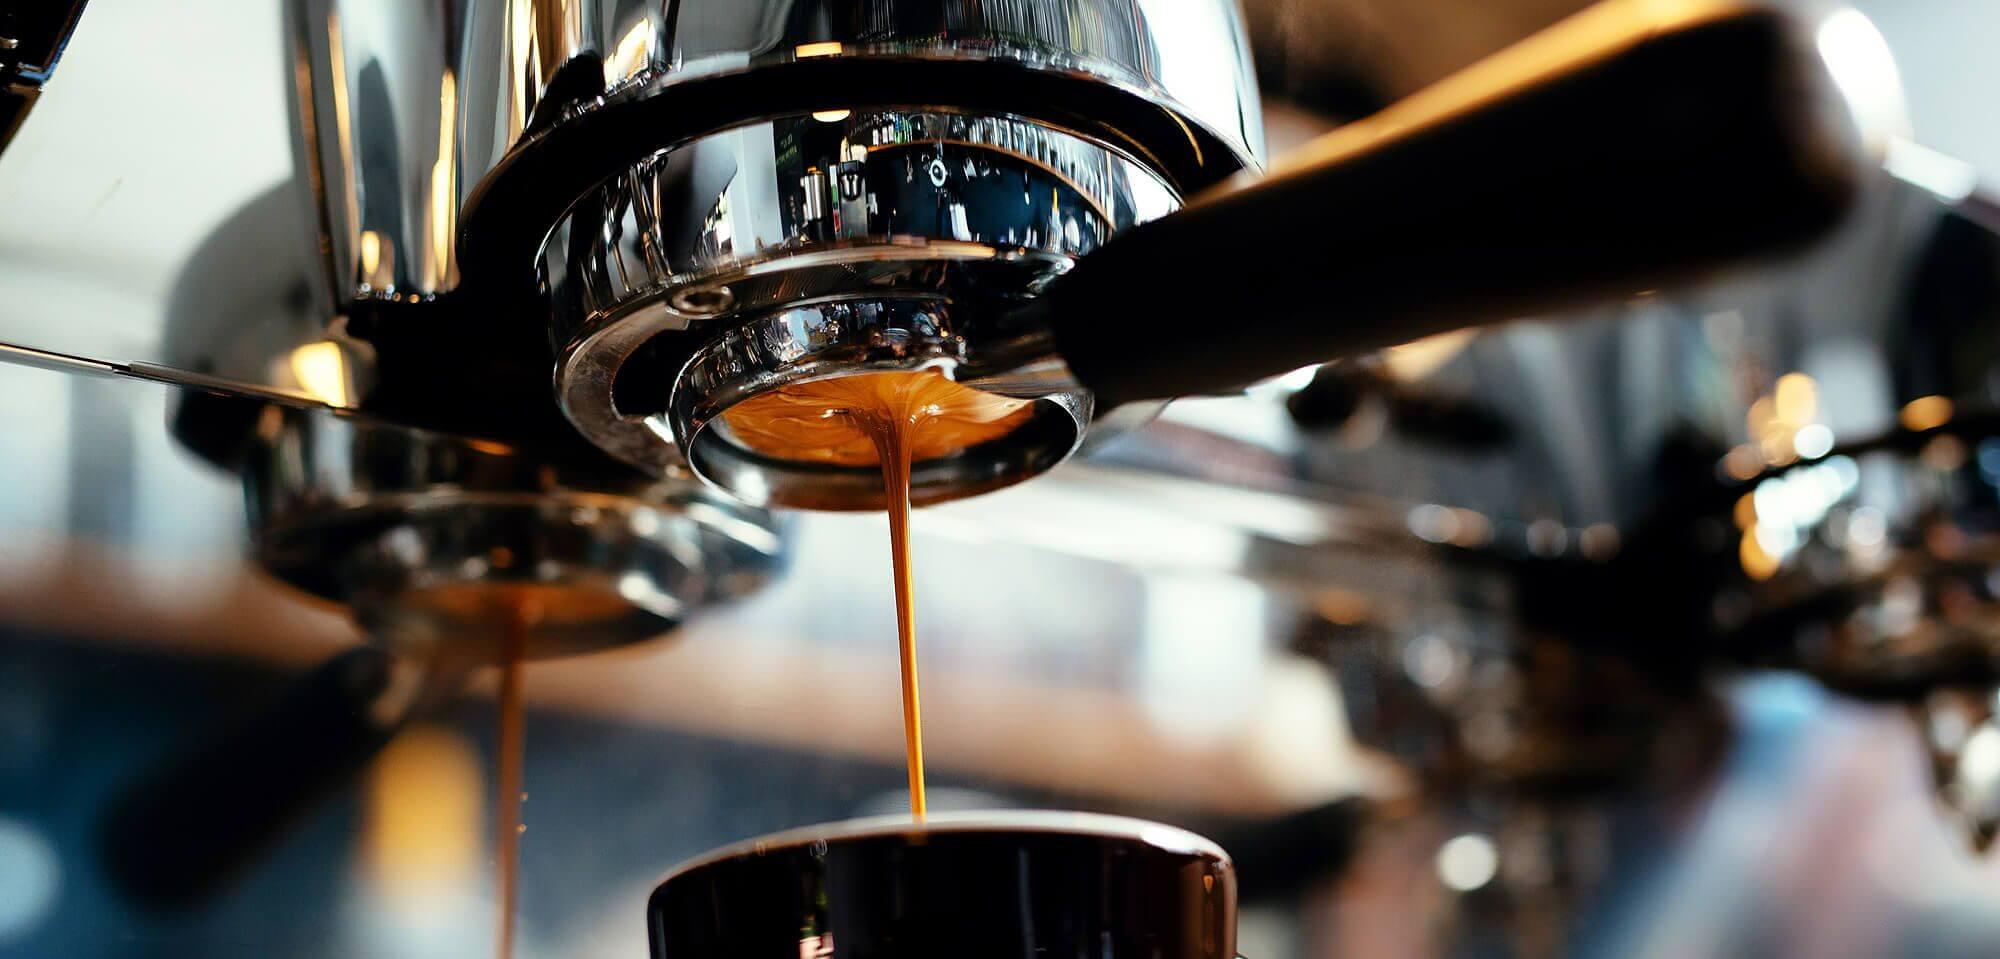 Rainer Sauerzweig e.k. - Kaffee